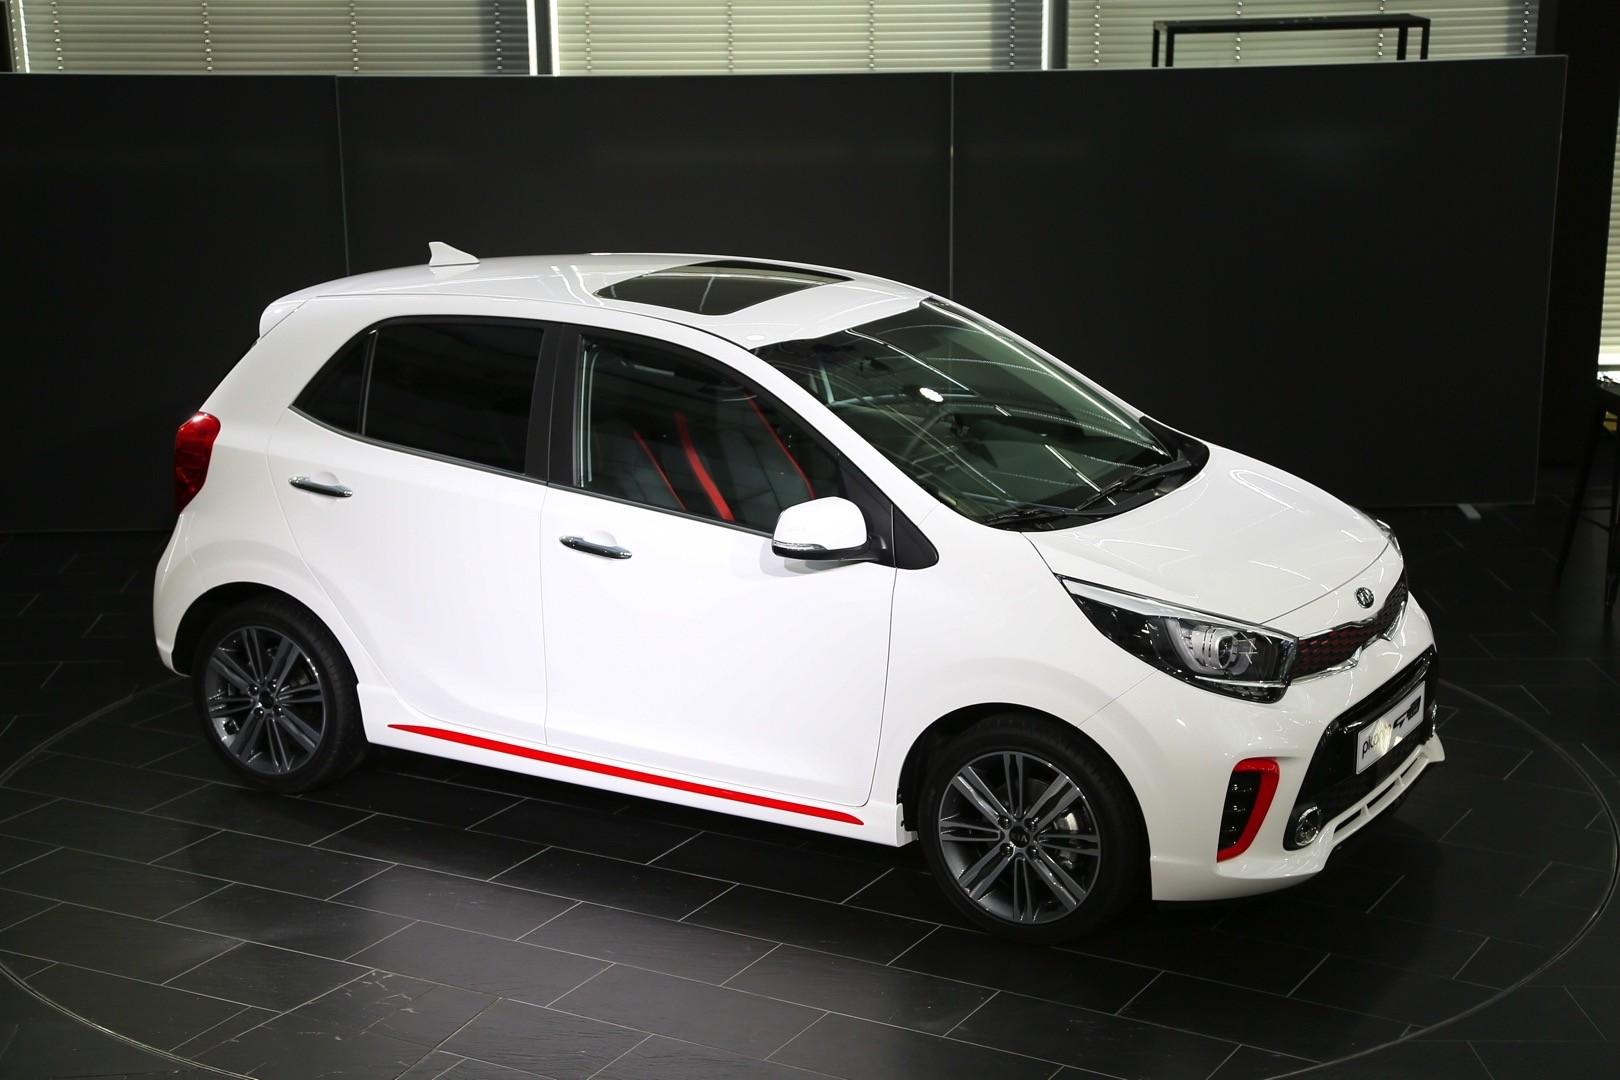 Но Kia может предложить жизнеспособную альтернативу, не столь мощную, но все же с турбонаддувом и оснащенную довольно привлекательным кузовом.